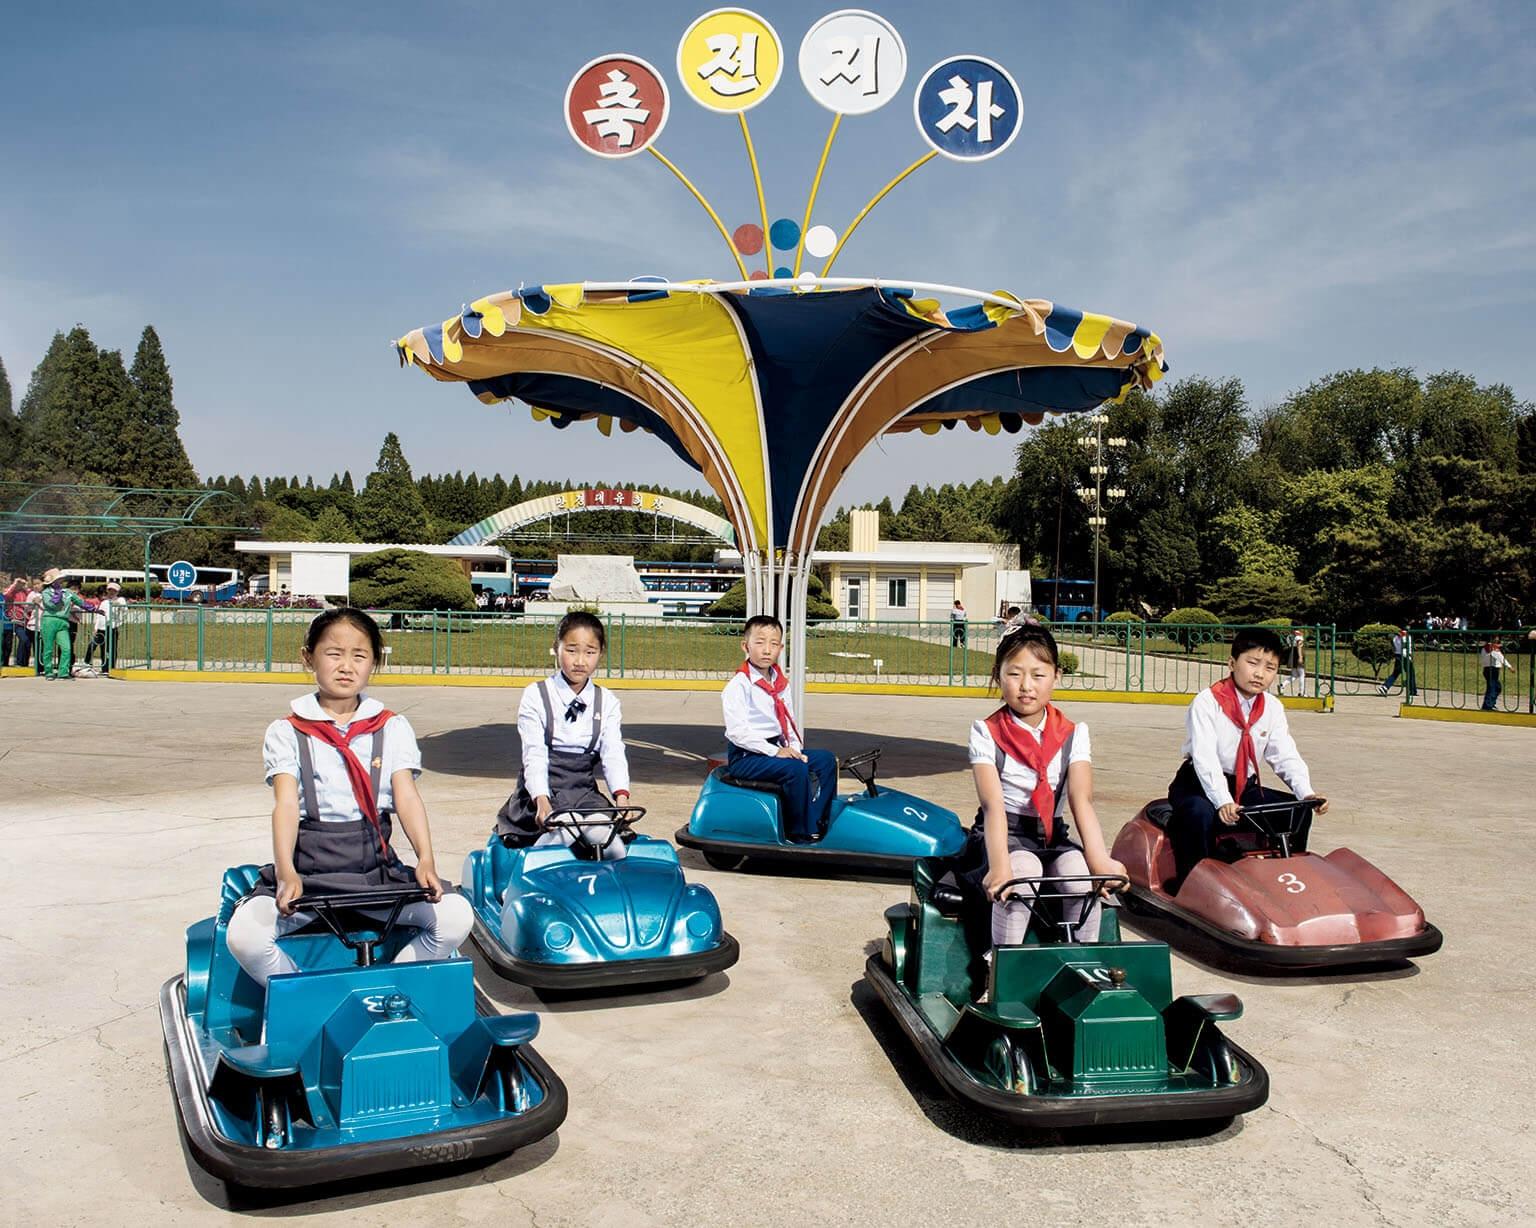 平壤郊區的「萬景臺遊樂園」內,玩碰碰車的兒童停下來拍照。在這個極權國家,居民鮮少有擺姿勢拍照的經驗。